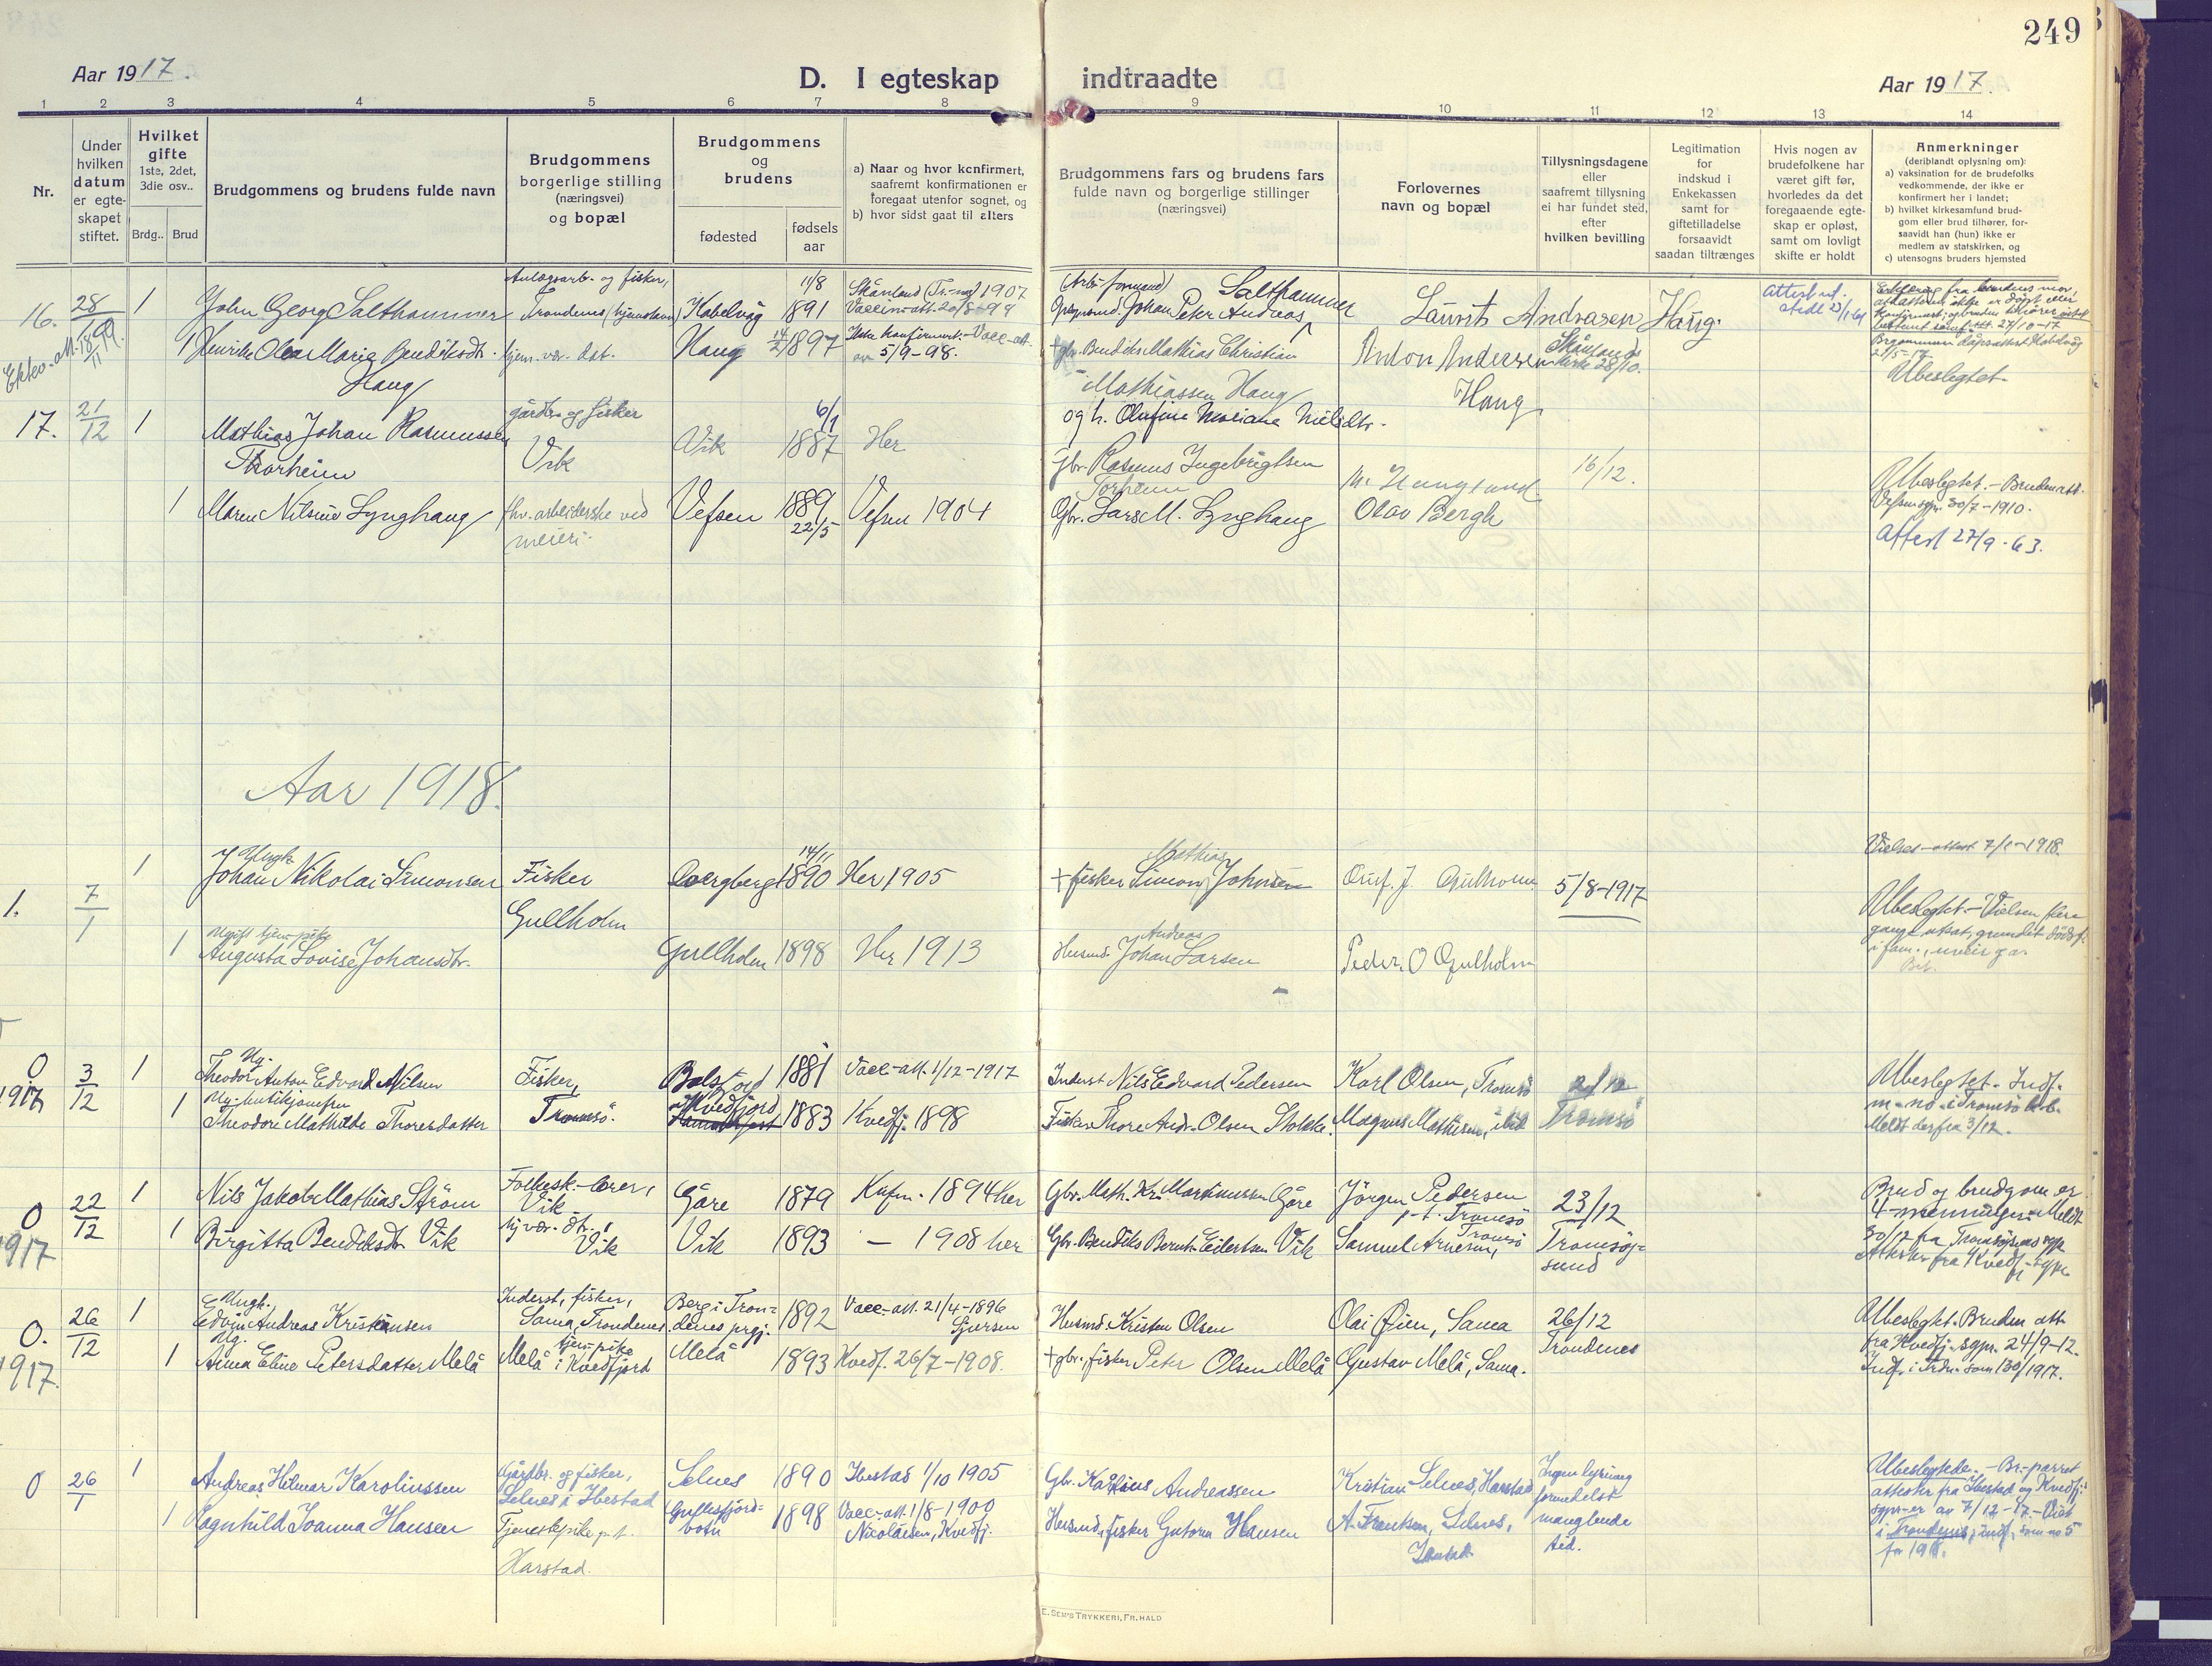 SATØ, Kvæfjord sokneprestkontor, G/Ga/Gaa/L0007kirke: Ministerialbok nr. 7, 1915-1931, s. 249